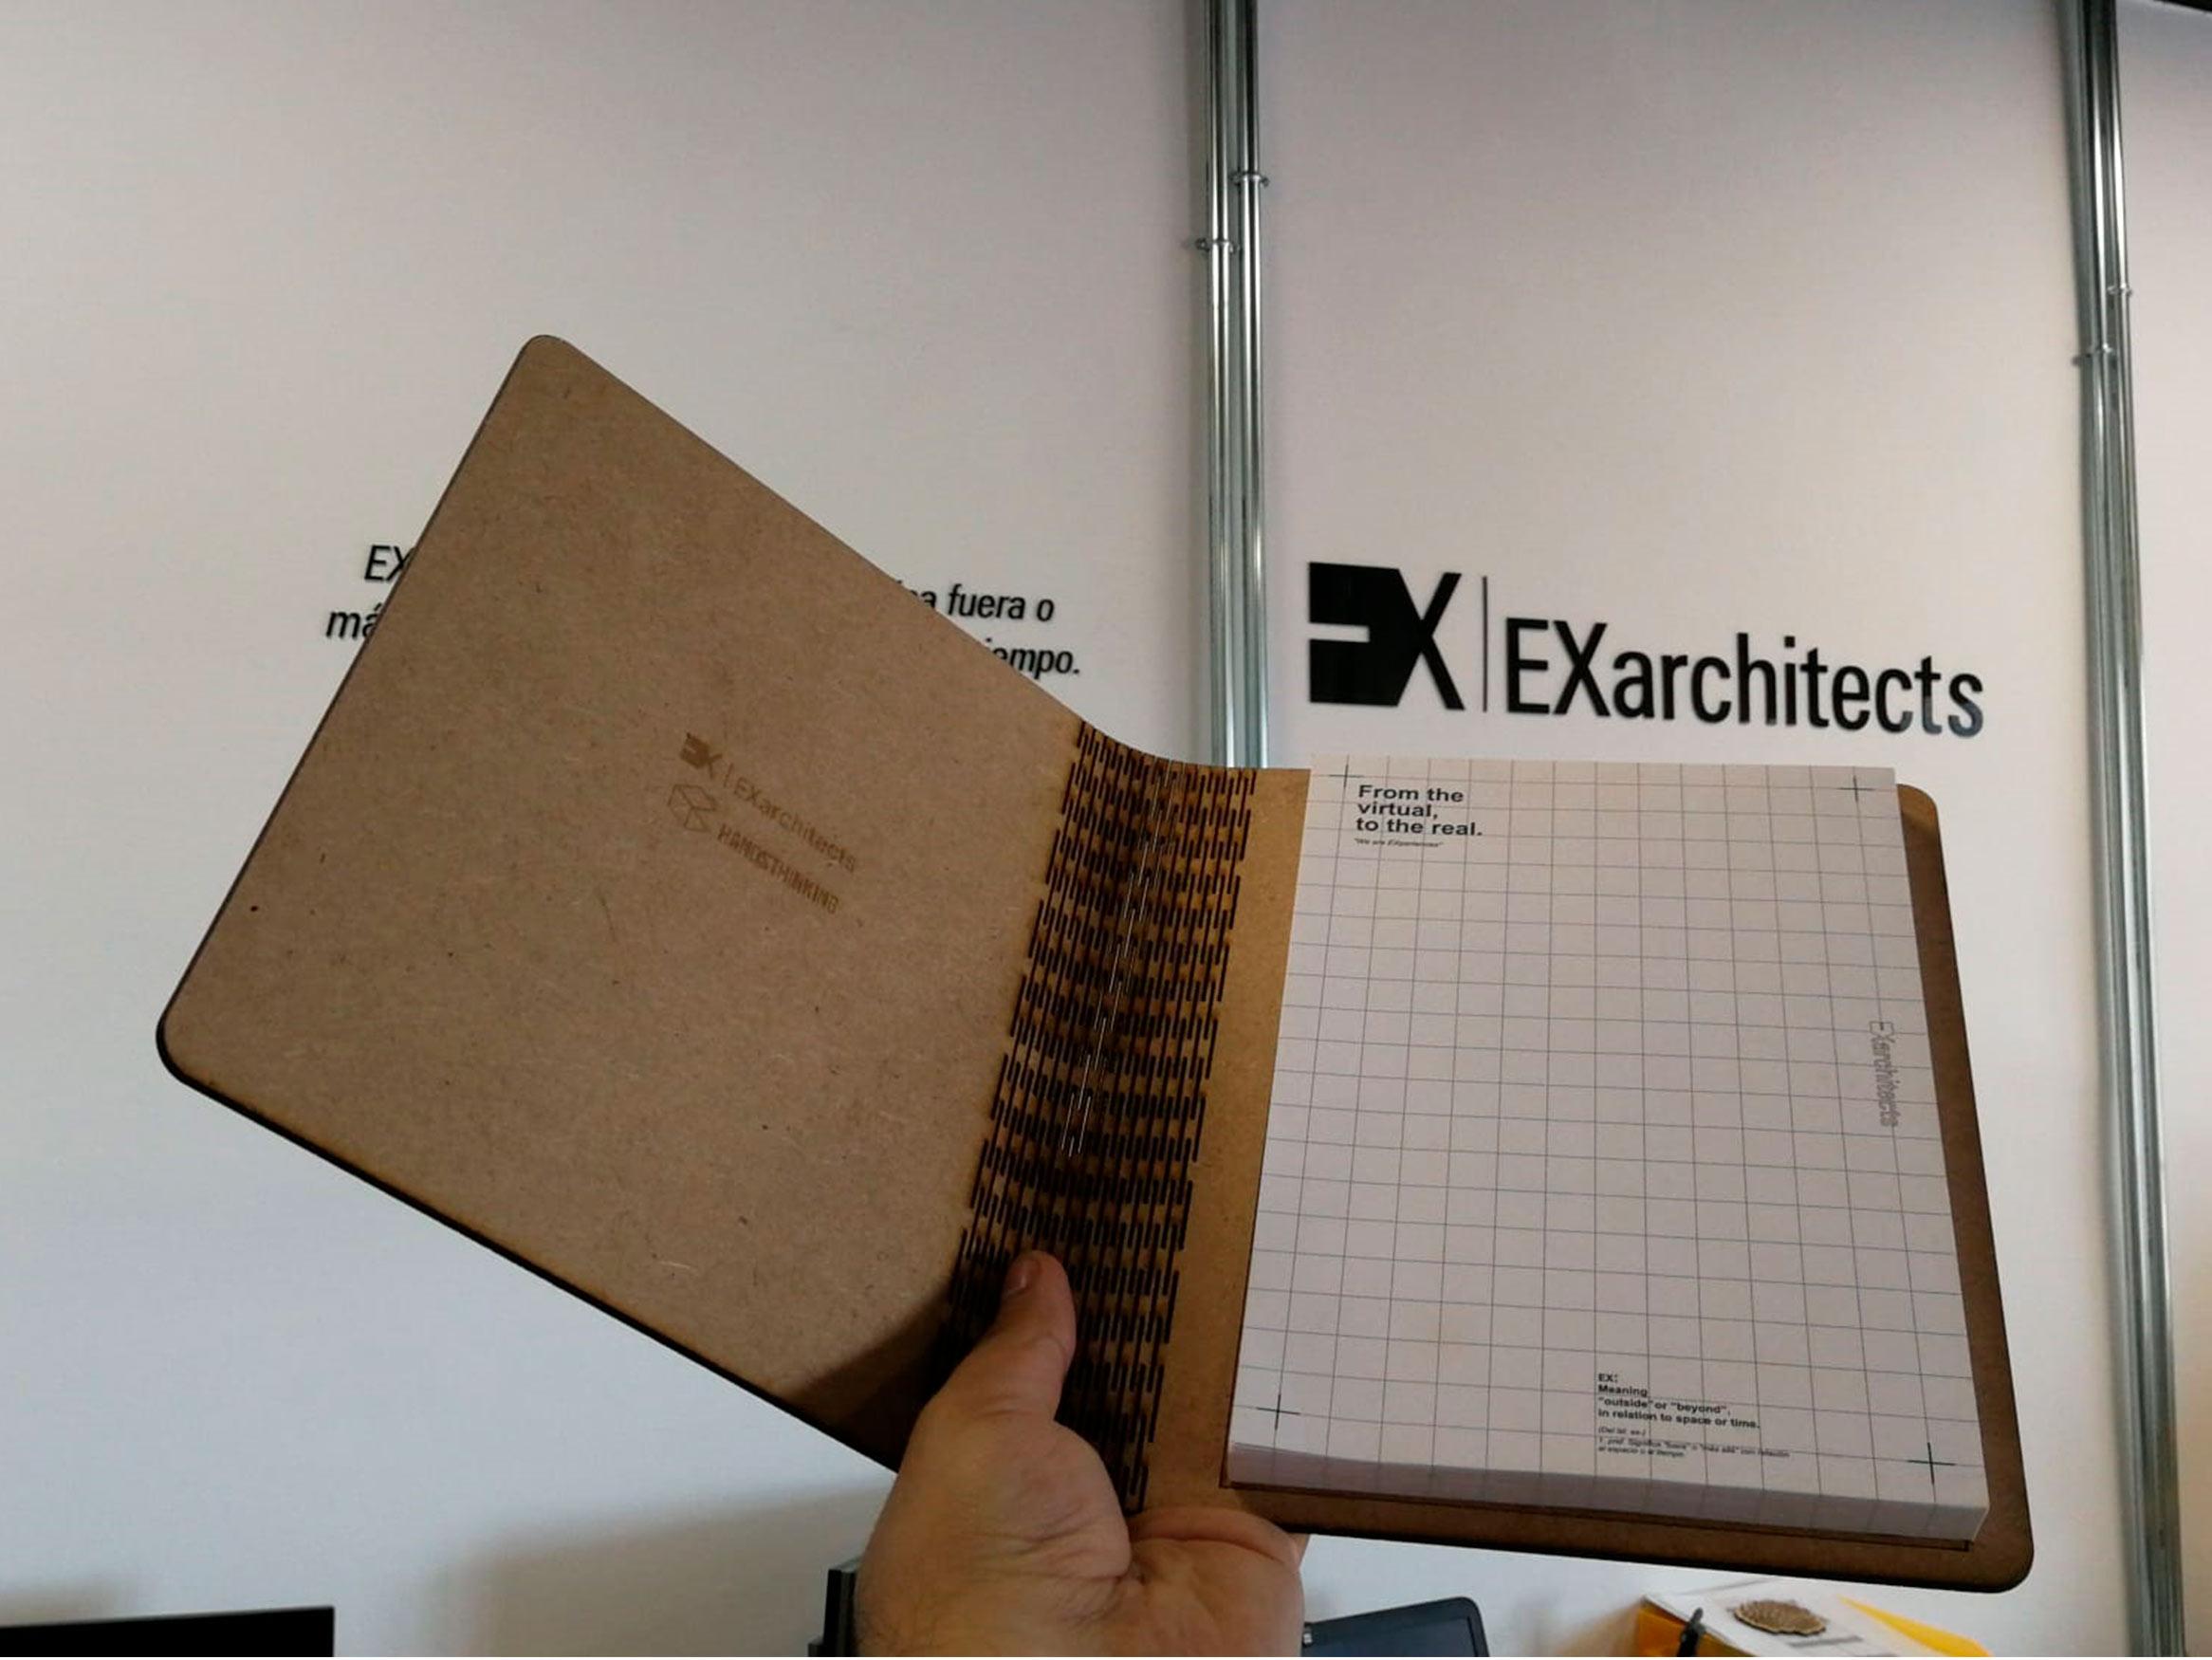 Libreta hecha con Kerfing por EXarchitects para Hands Thinking 2020